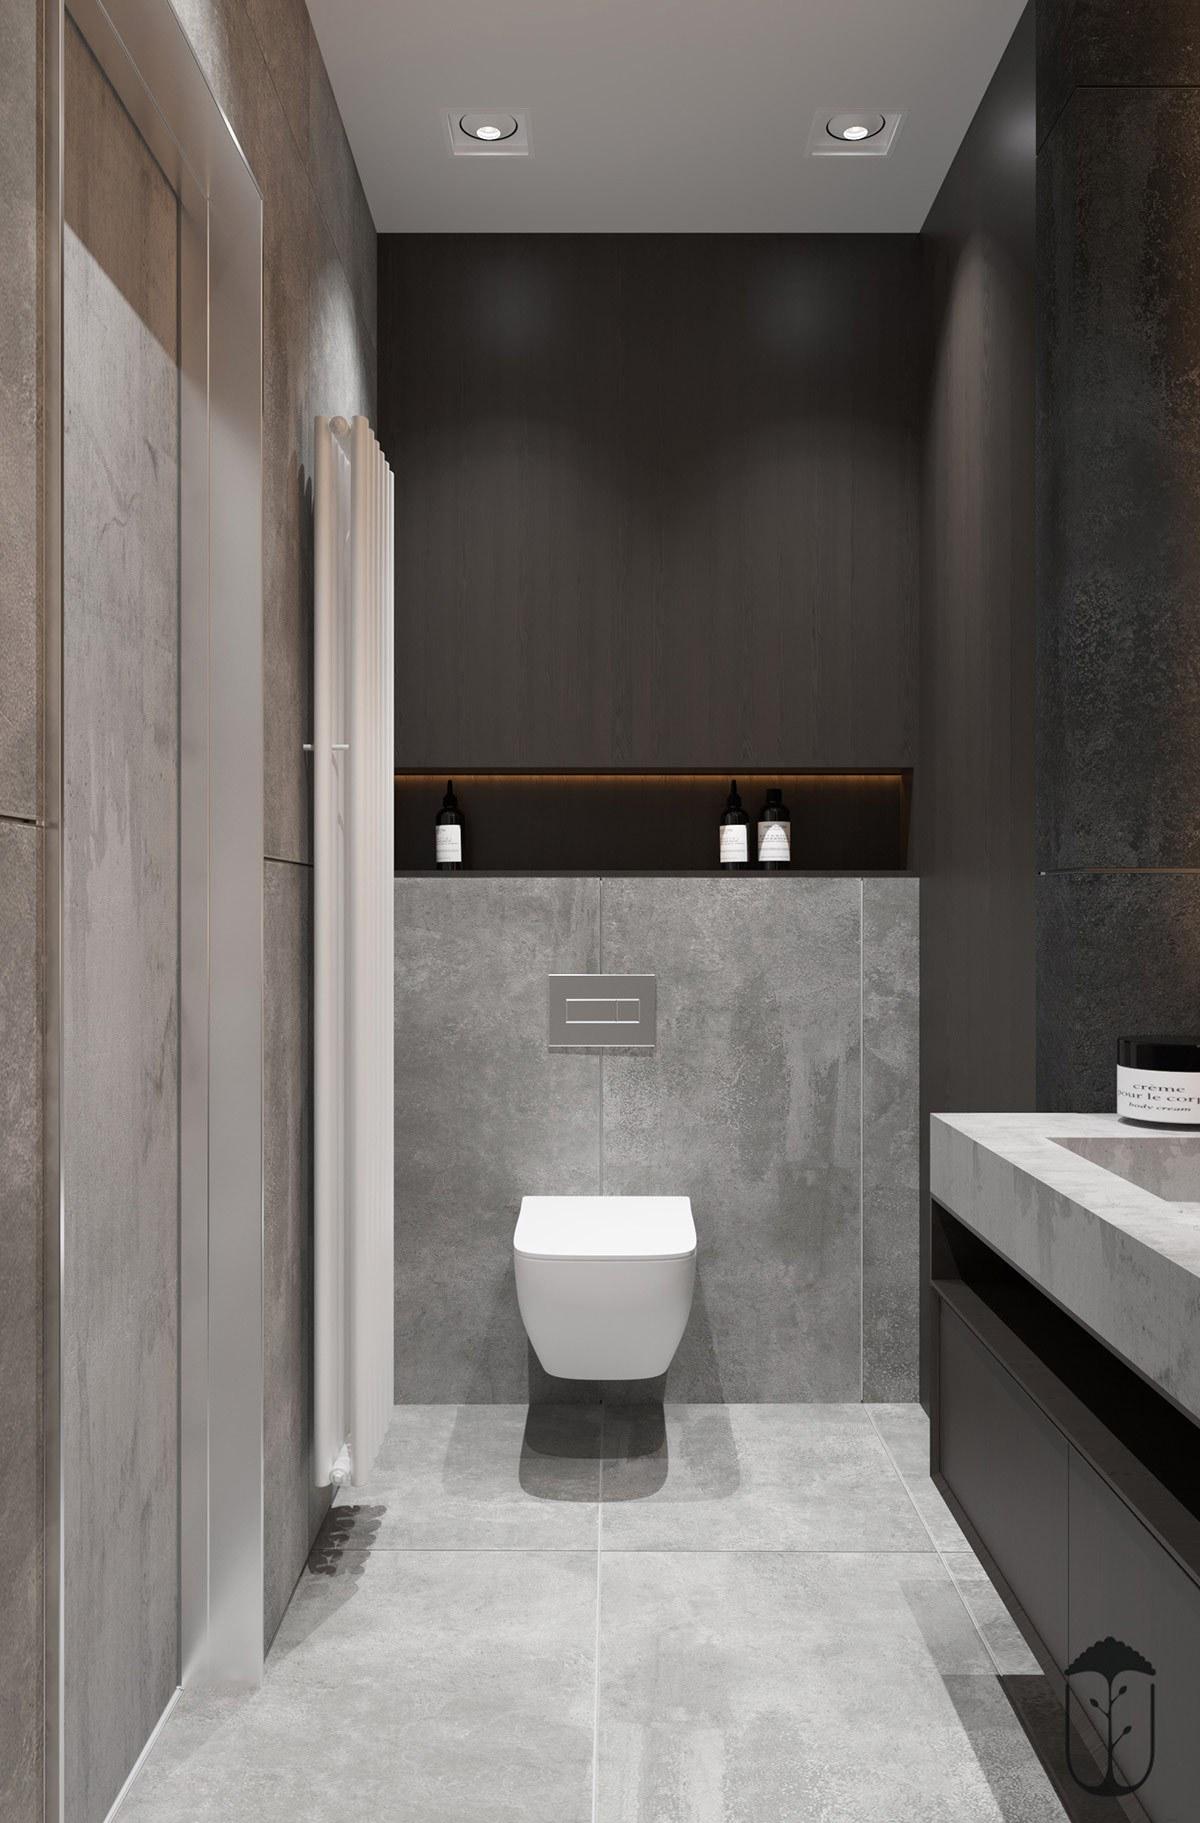 Tường được đánh bóng xi măng màu xám sáng tạo nên những nét khỏe khoắn